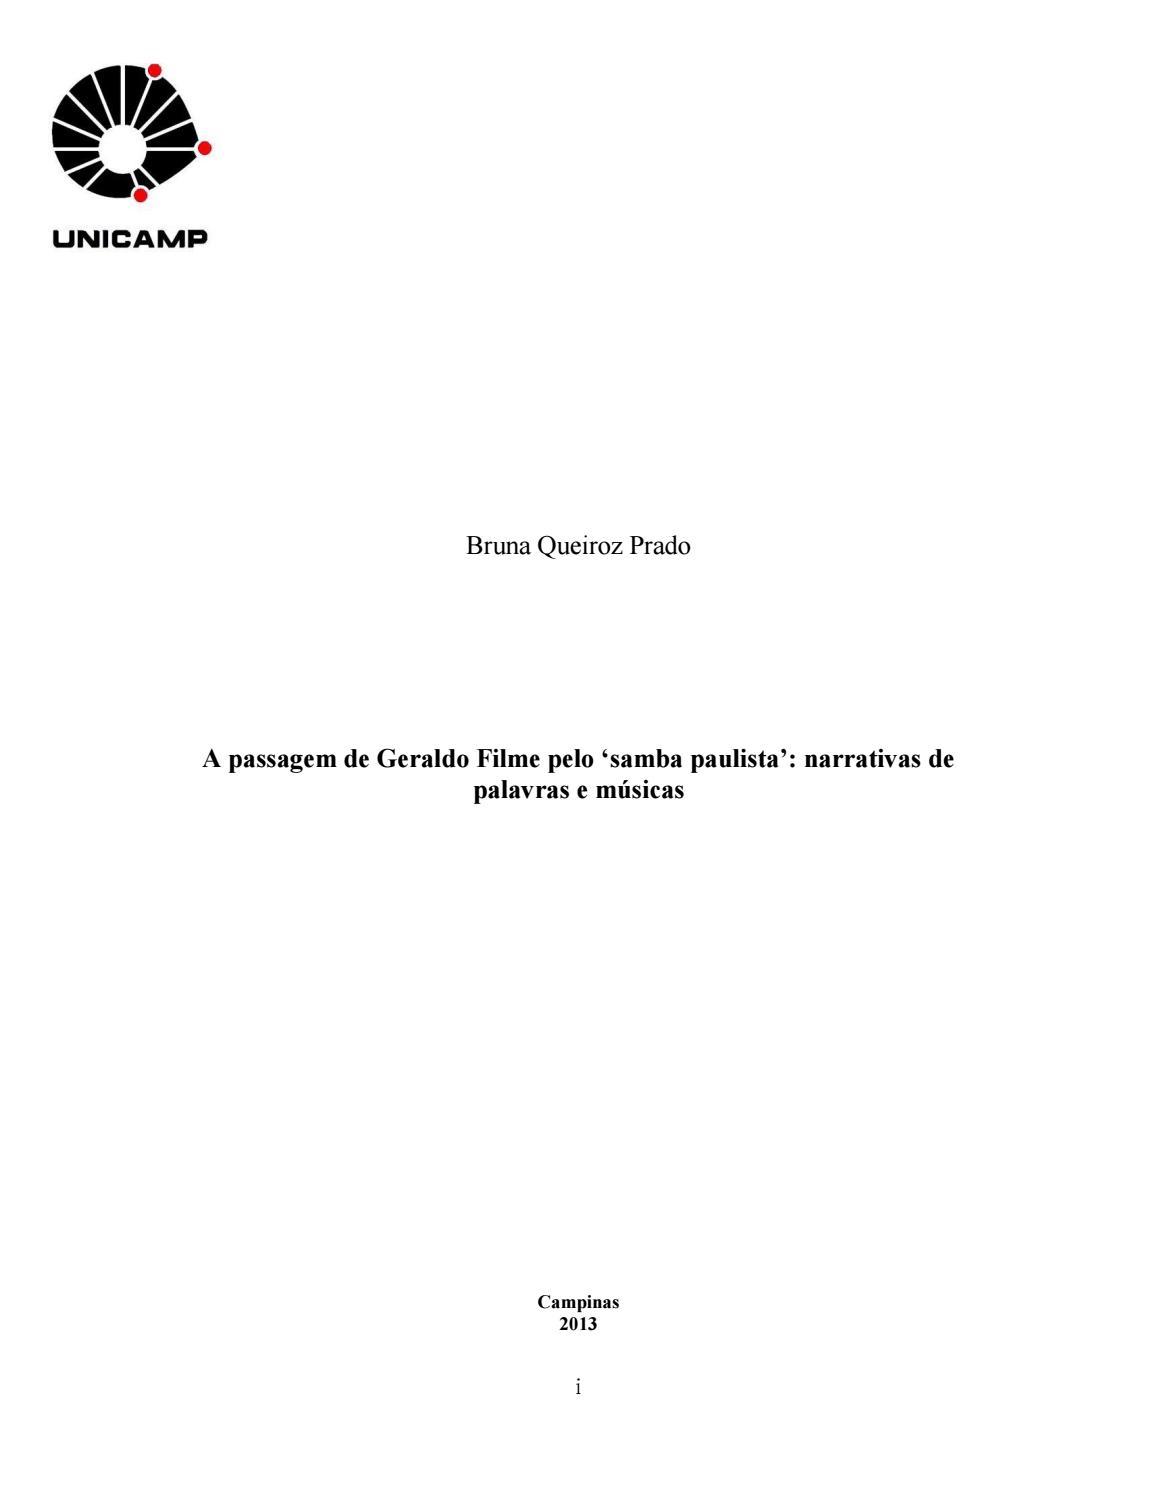 A passagem de Geraldo Filme pelo  samba paulista   narrativas de palavras e  músicas by Portal Academia do Samba - issuu 89a42098bb3cc